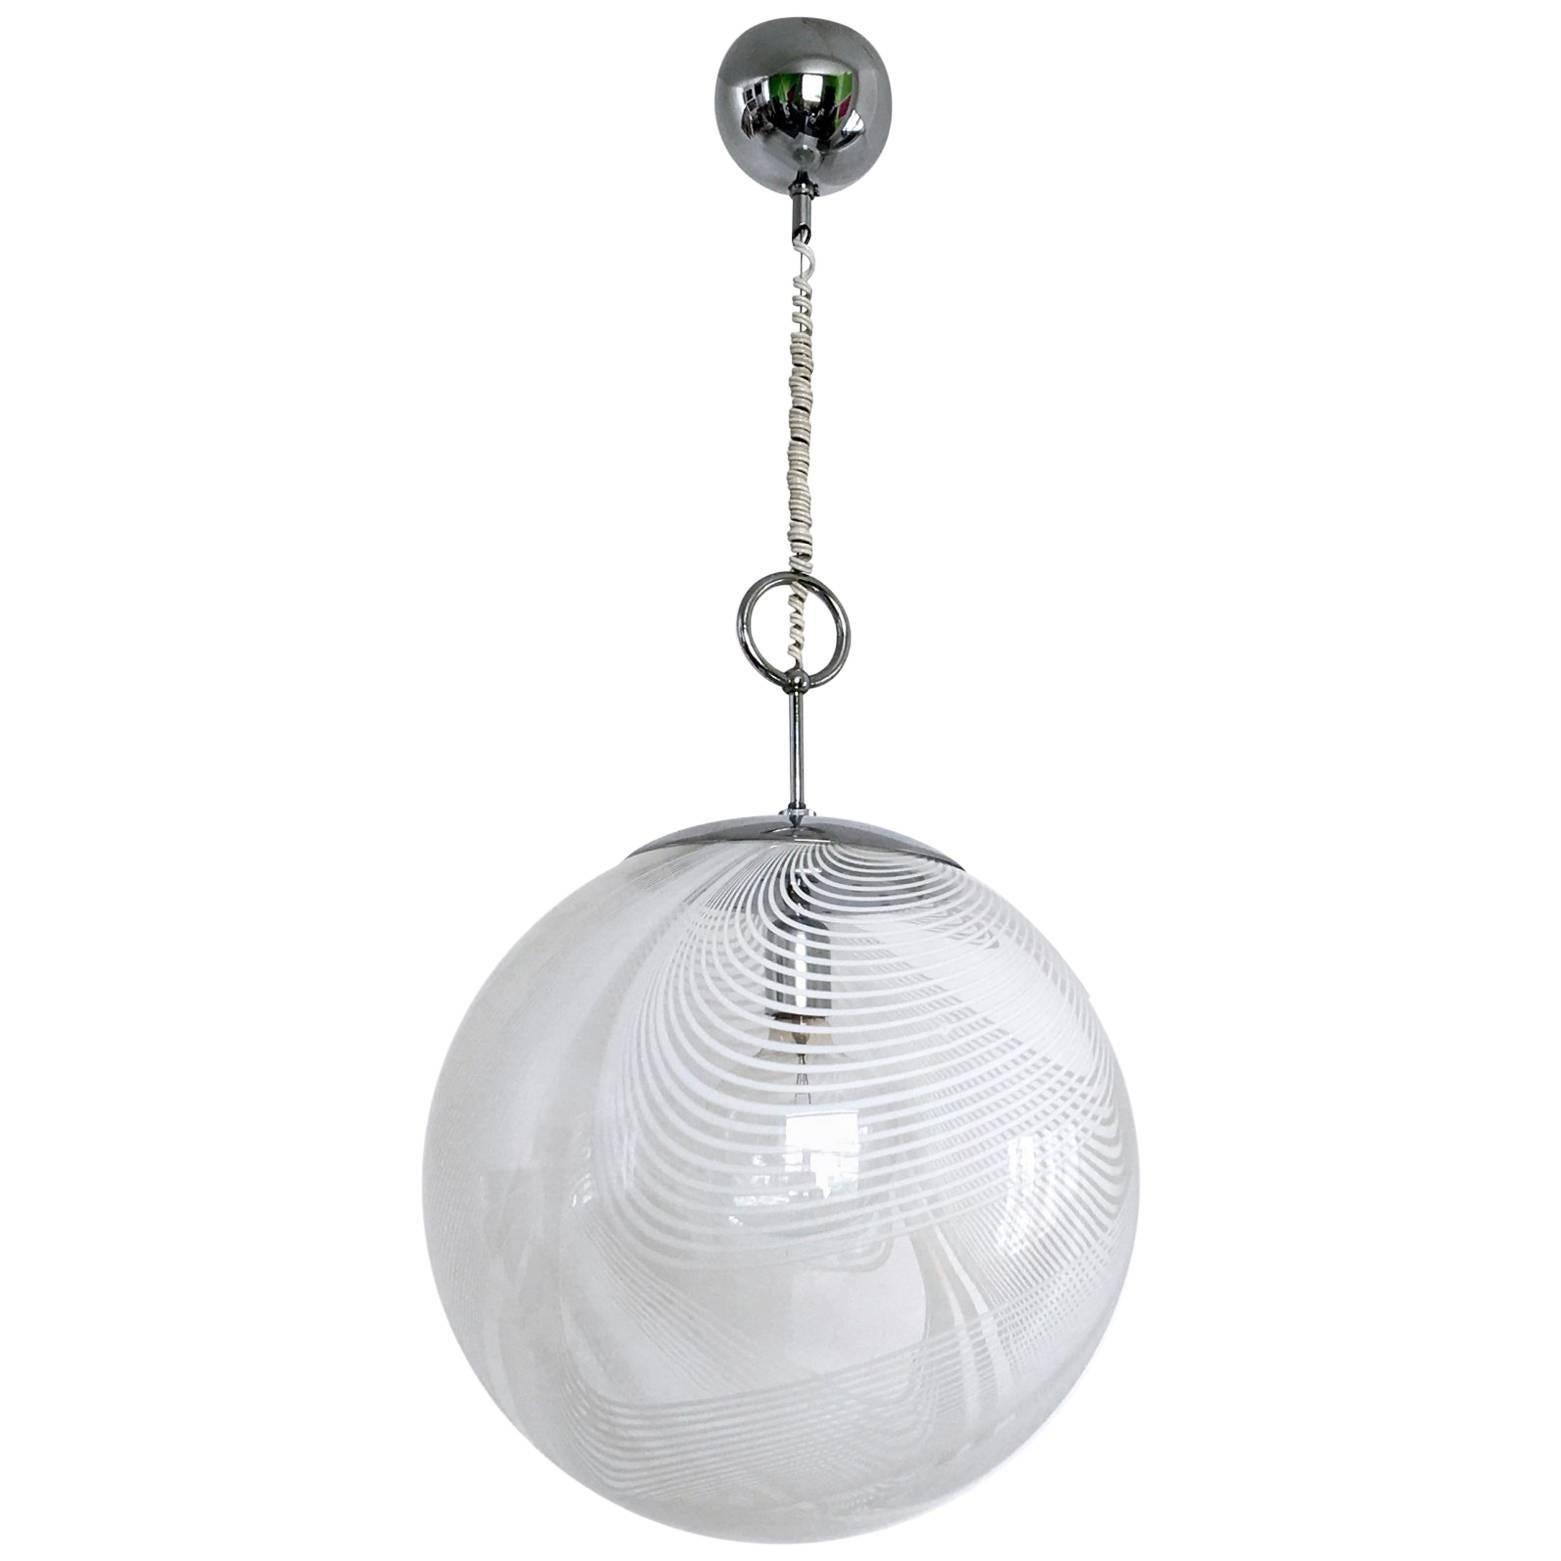 Spheric Murano Glass Pendant Lamp By Lino Tagliapietra For La Murrina, 1970s